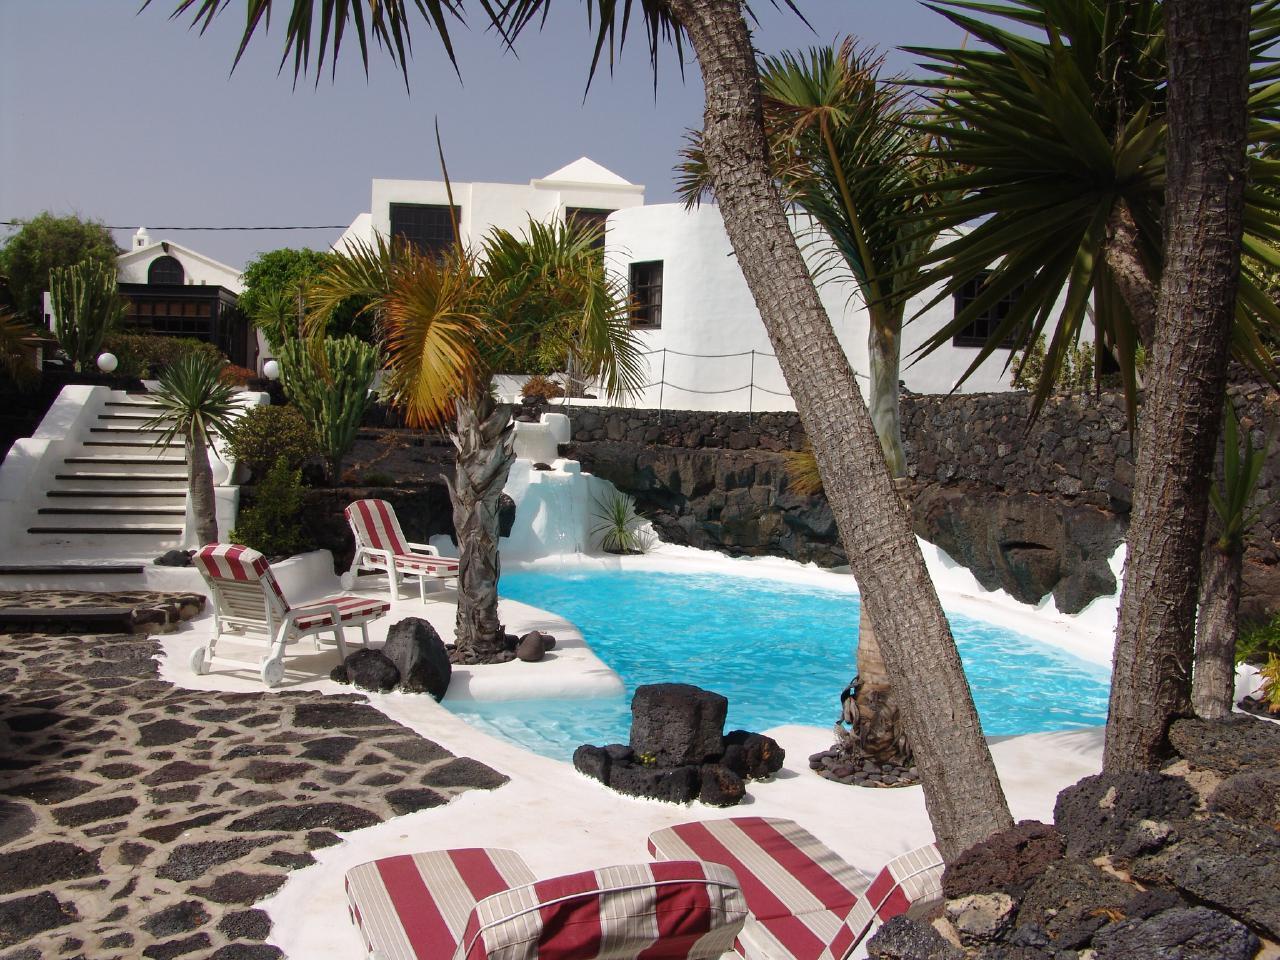 Holiday house CASA TEIGA LUNA 3 SCHLAFZIMMER VILLA MIT POOL UND TERASSE (1682022), Tahiche, Lanzarote, Canary Islands, Spain, picture 11